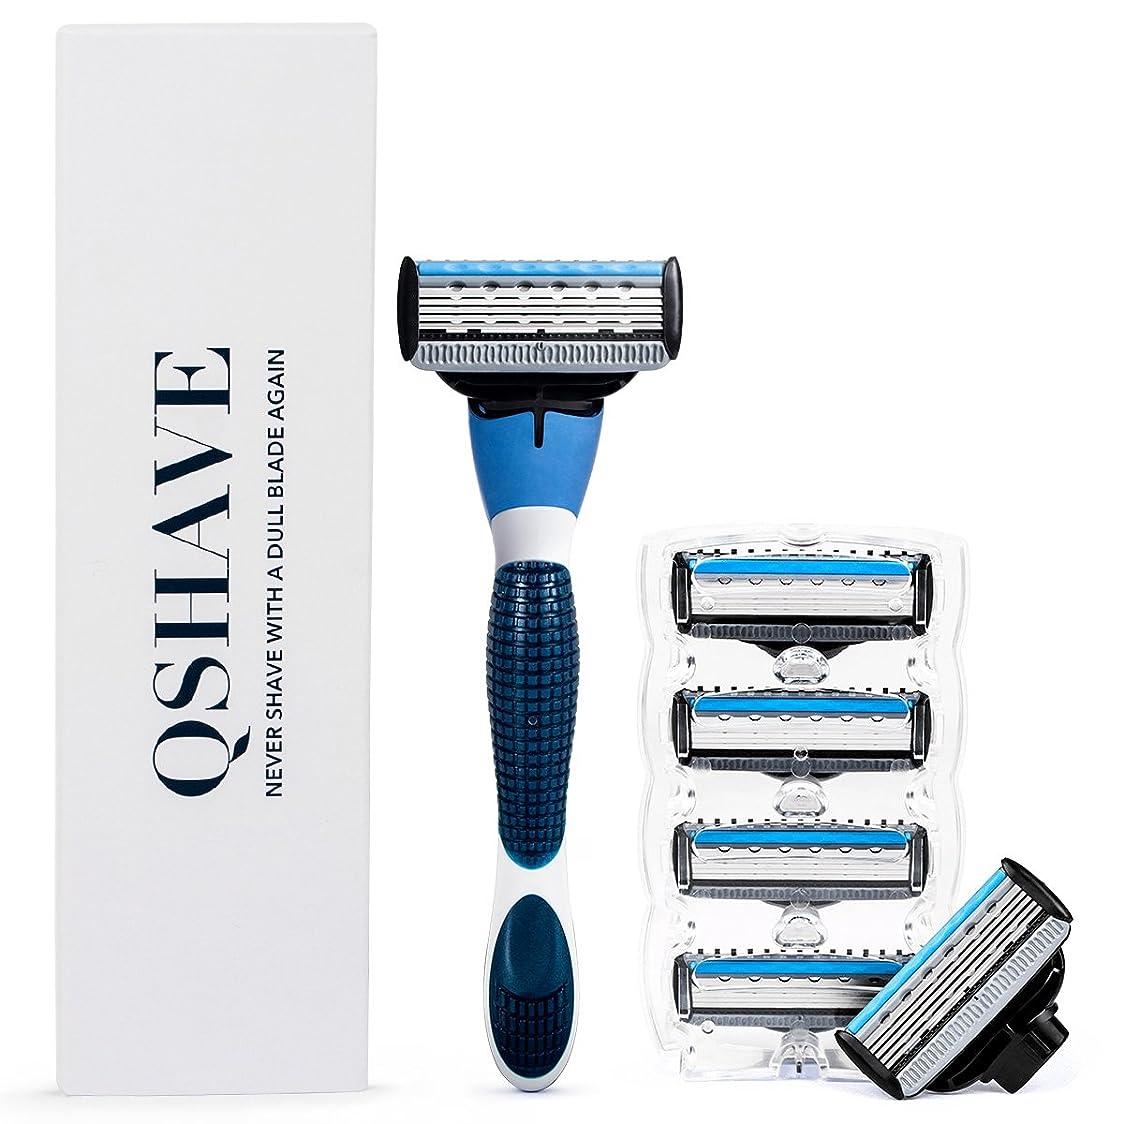 気難しいすべきフィットネスQSHAVEのブルーシリーズ、男性用マニュアルシェービングカミソリは替刃X5 (5枚刃) のカートリッジが。 (本体+替刃6コ付)